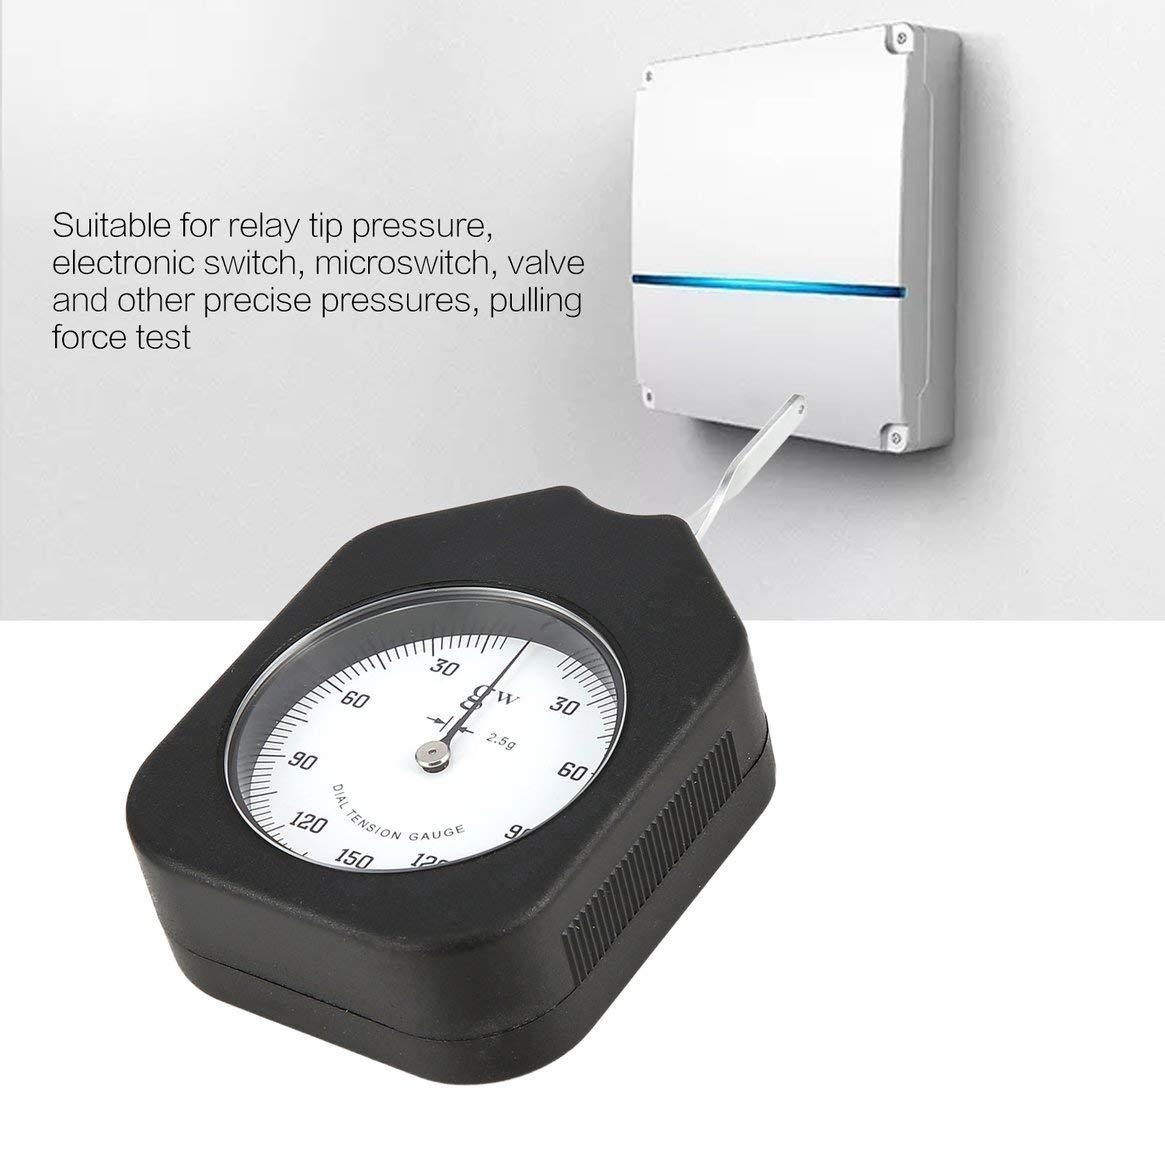 Tensiómetro analógico de 150 g Precio con un solo puntero Dial Medidor de tensión Medidor Probador Dinamómetro tabular Medidor de tensión lateral - Negro: ...